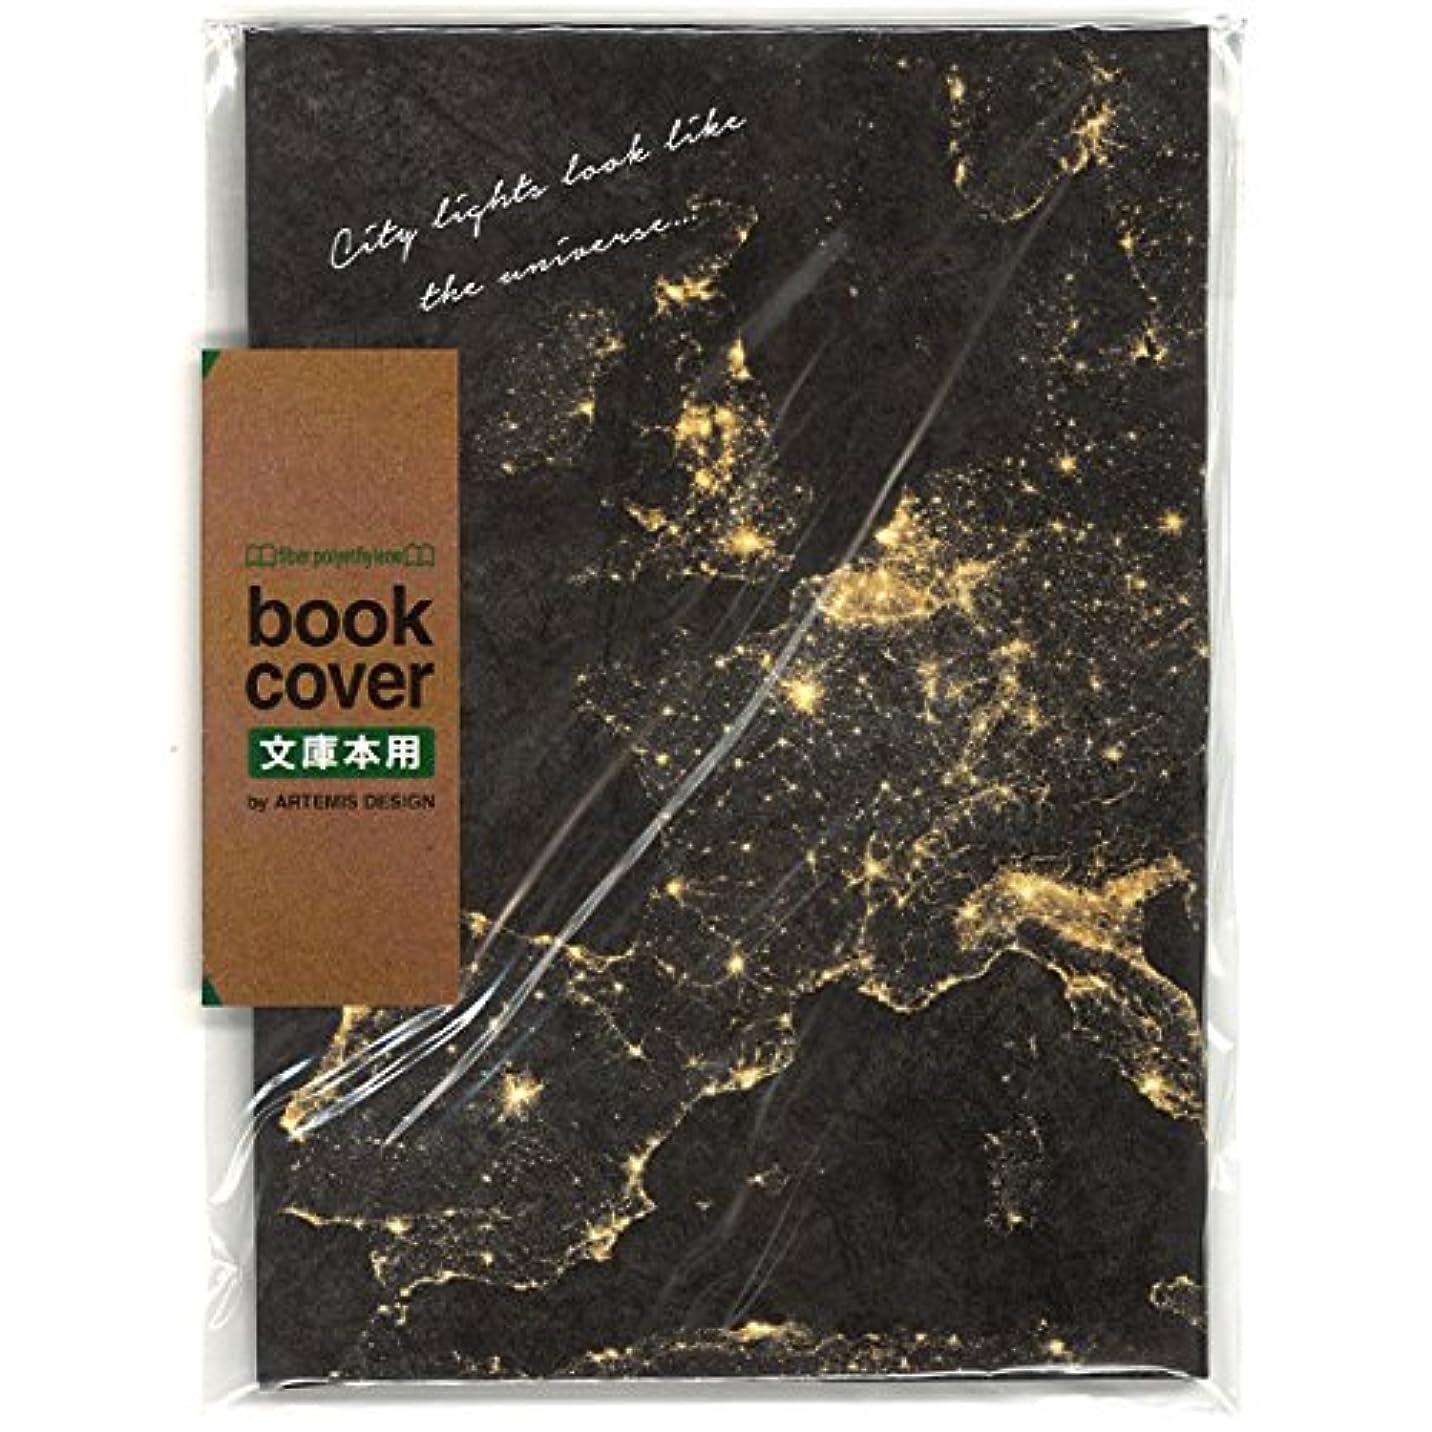 ペナルティ写真を描く冊子ARTEMIS(アーティミス) ファイバーブックカバー 文庫本サイズ 【シティライト】 FBC59